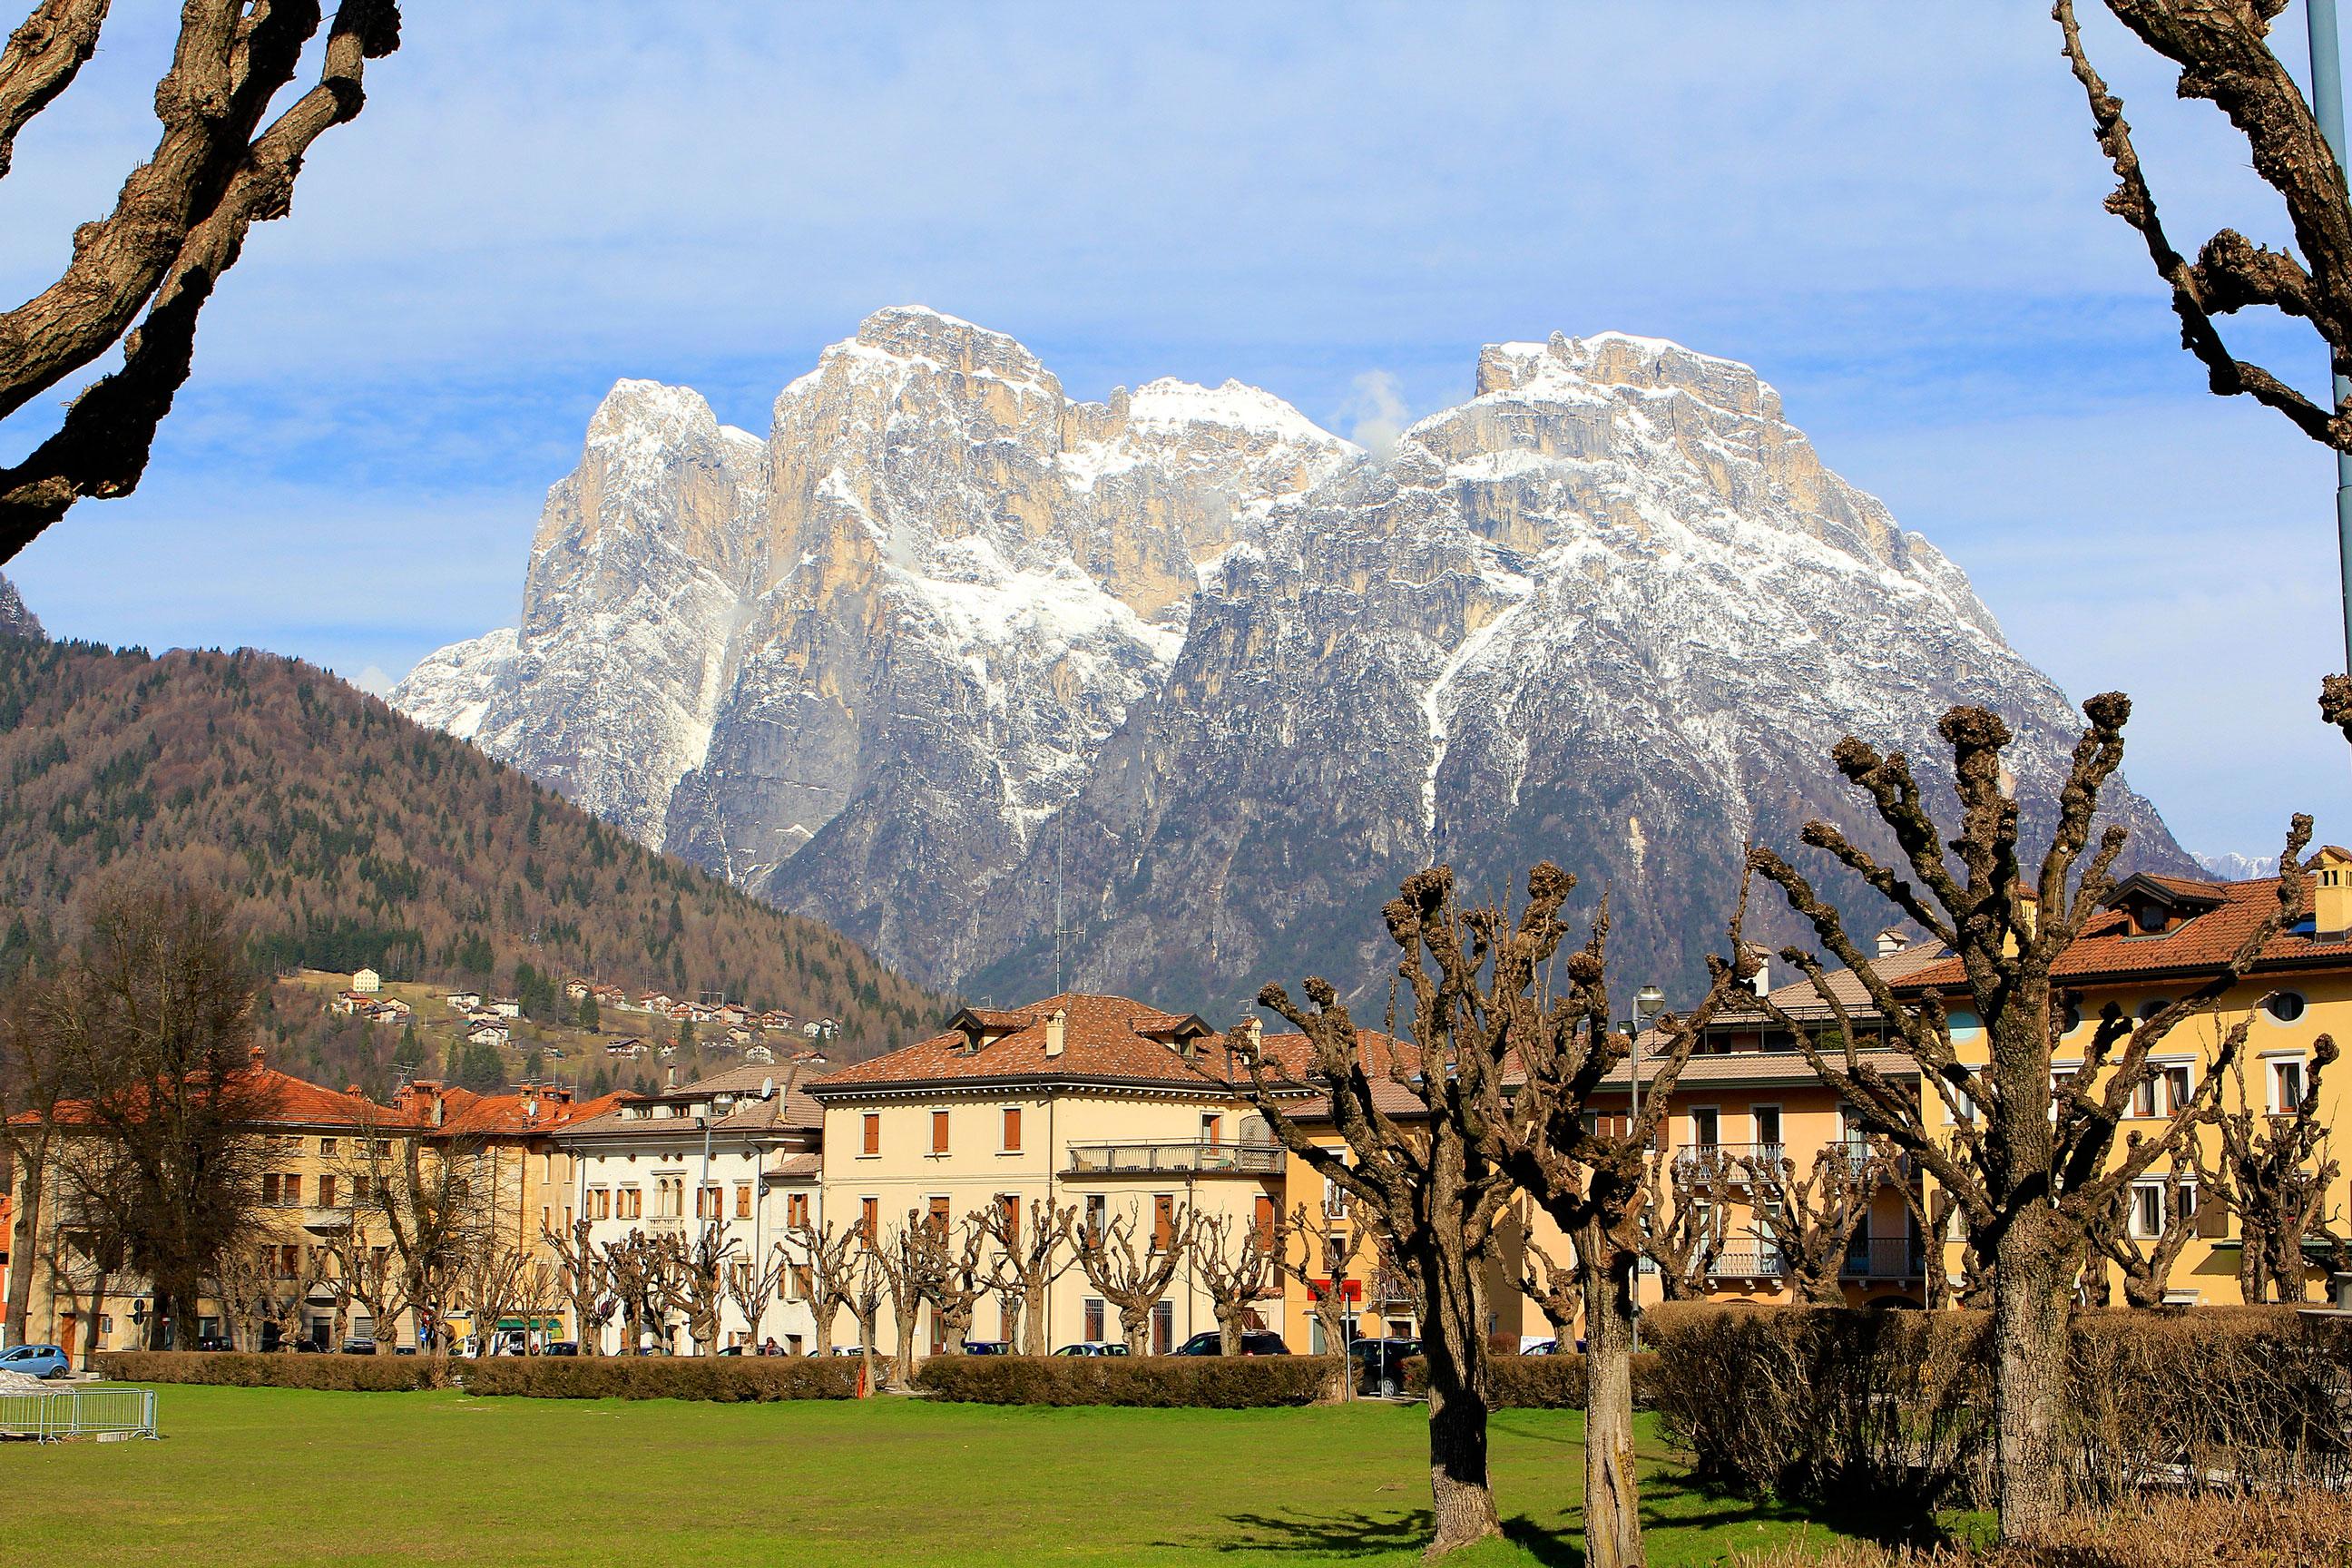 Dolomite Mountains Surround the Capital City of Agordo